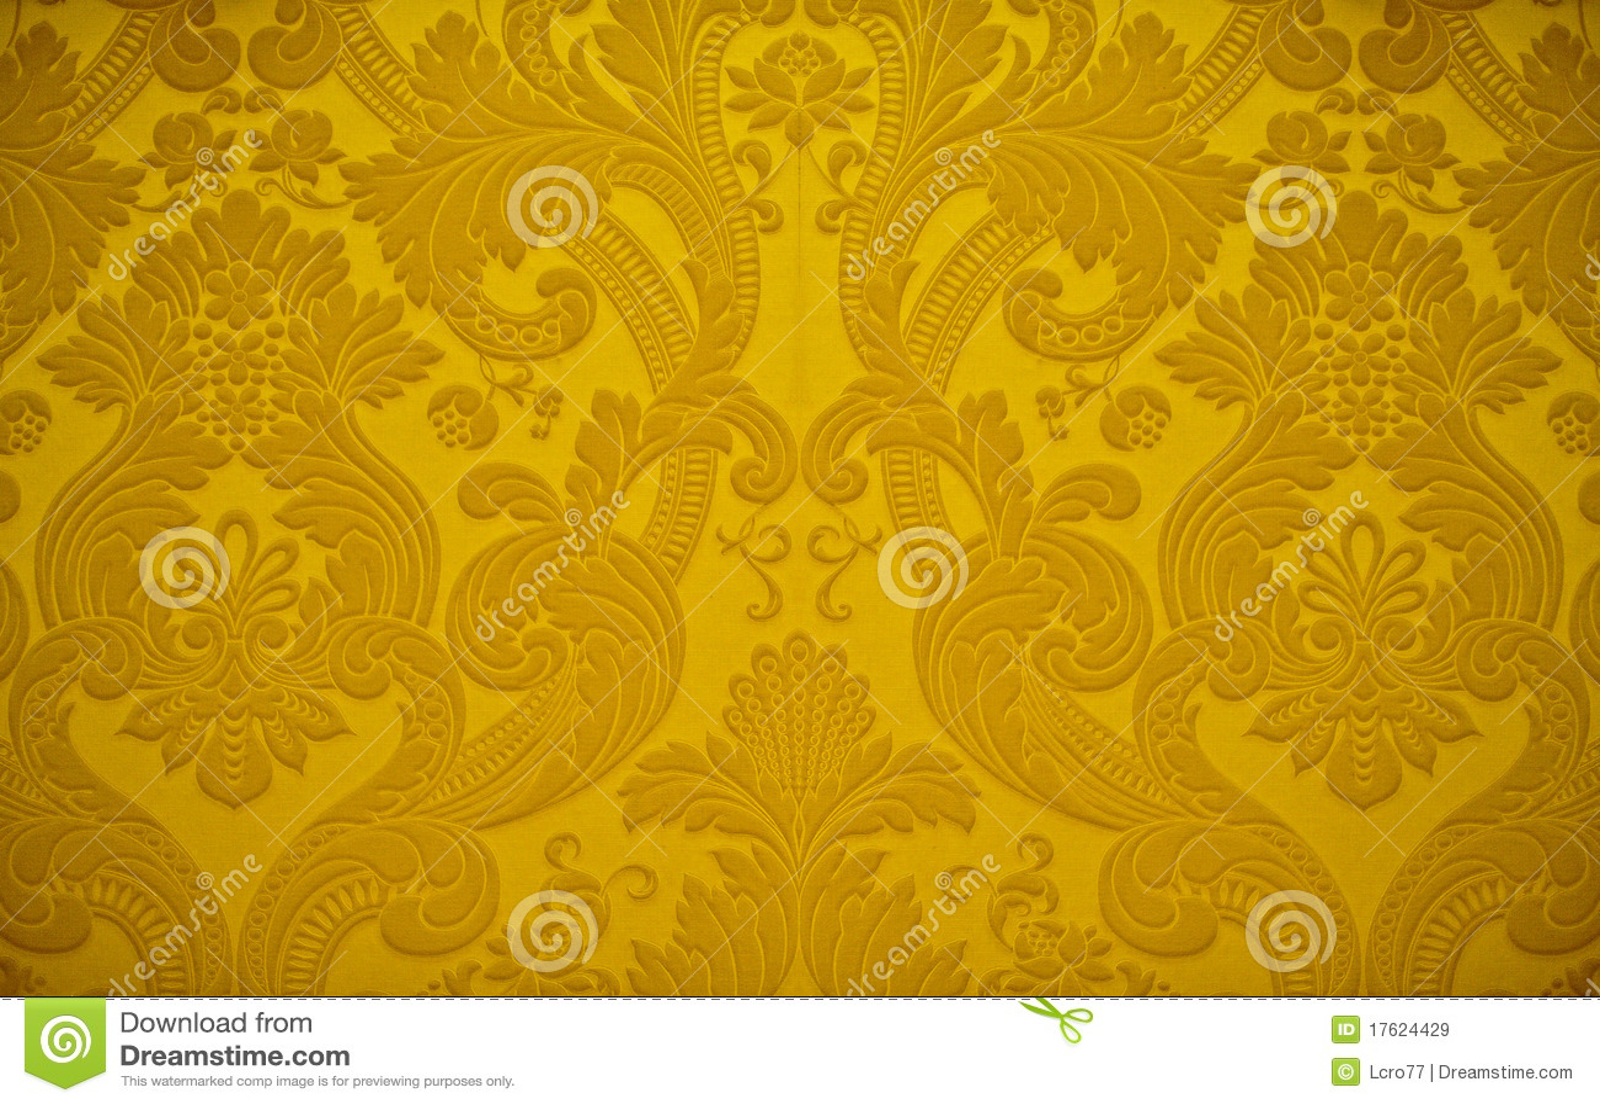 Decorazione dorata della carta da parati di struttura for Decorazione wallpaper